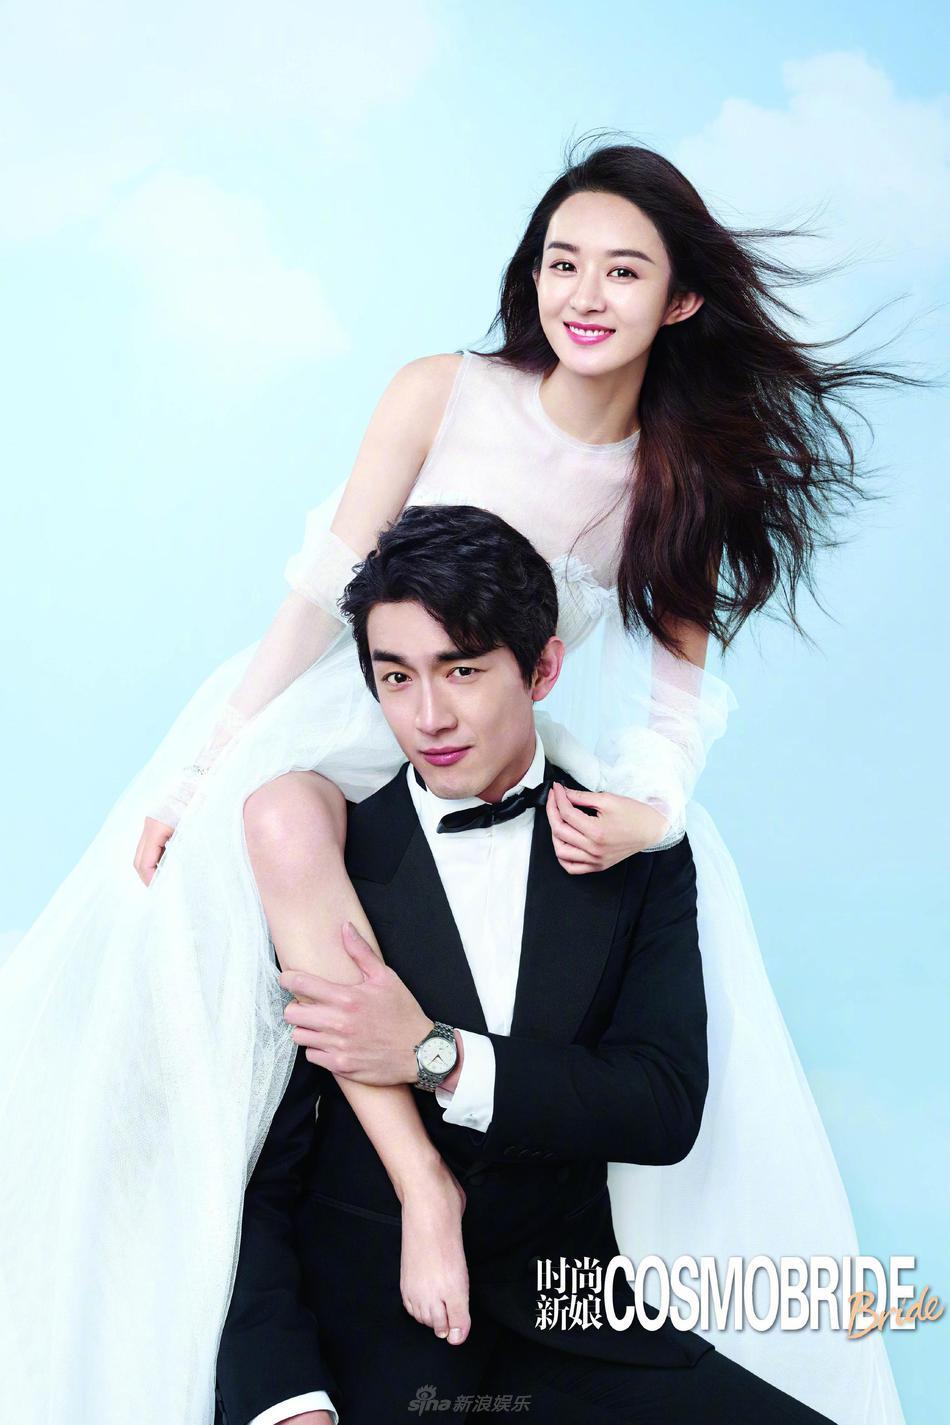 赵丽颖林更新携手拍婚纱大片 摸腿搂腰对笑有点甜图片